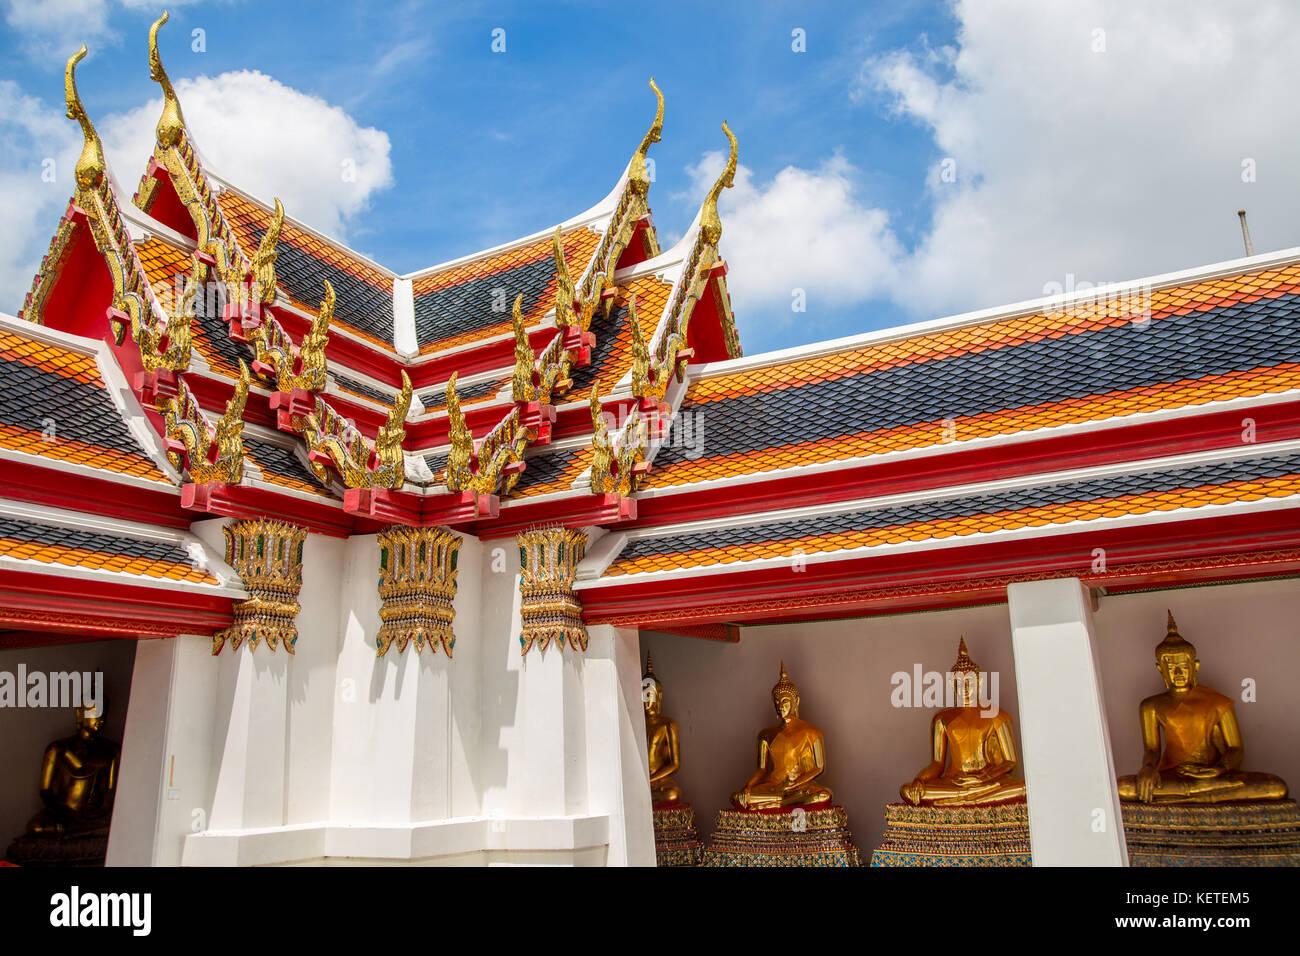 Ornate colourful roofs at Wat Pho, Bangkok, Thailand - Stock Image